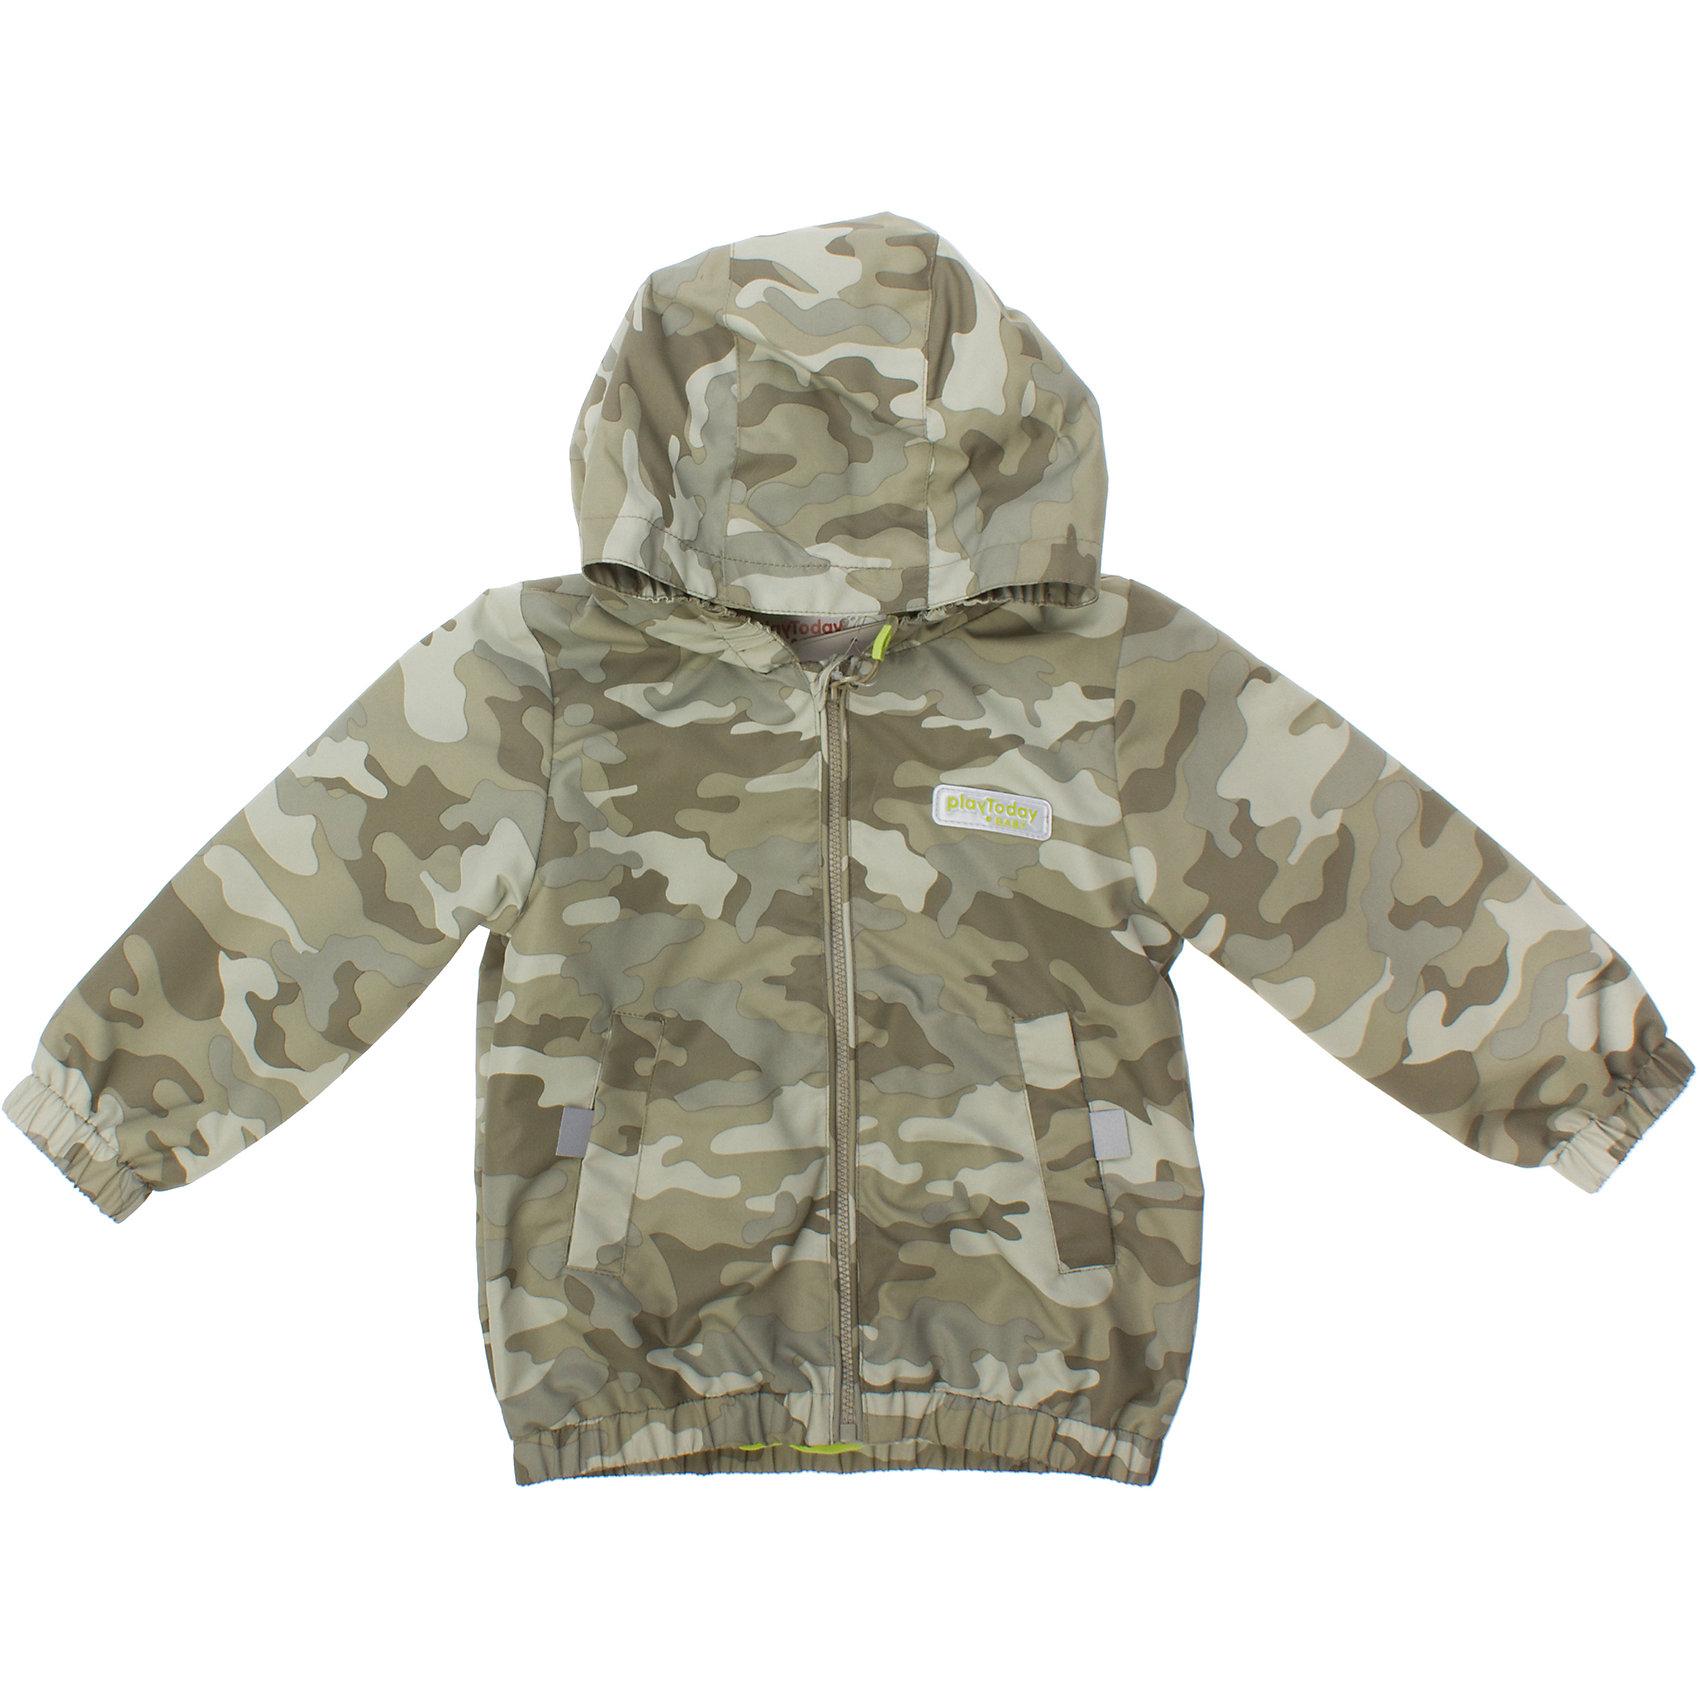 Куртка для мальчика PlayTodayКуртка для мальчика PlayToday <br><br>Состав: <br>Верх: 100% полиэстер<br>Подкладка: 100% хлопок <br><br>В стиле милитари<br>Капюшон, рукава и них на резинке<br>Два кармашка<br>Внутри мягкая трикотажная подкладка ярко-зеленого цвета<br>Застегивается на молнию с защитой подбородка<br>Удобный пуллер<br><br>Ширина мм: 356<br>Глубина мм: 10<br>Высота мм: 245<br>Вес г: 519<br>Цвет: серый<br>Возраст от месяцев: 9<br>Возраст до месяцев: 12<br>Пол: Мужской<br>Возраст: Детский<br>Размер: 74,92,86,80<br>SKU: 4502882